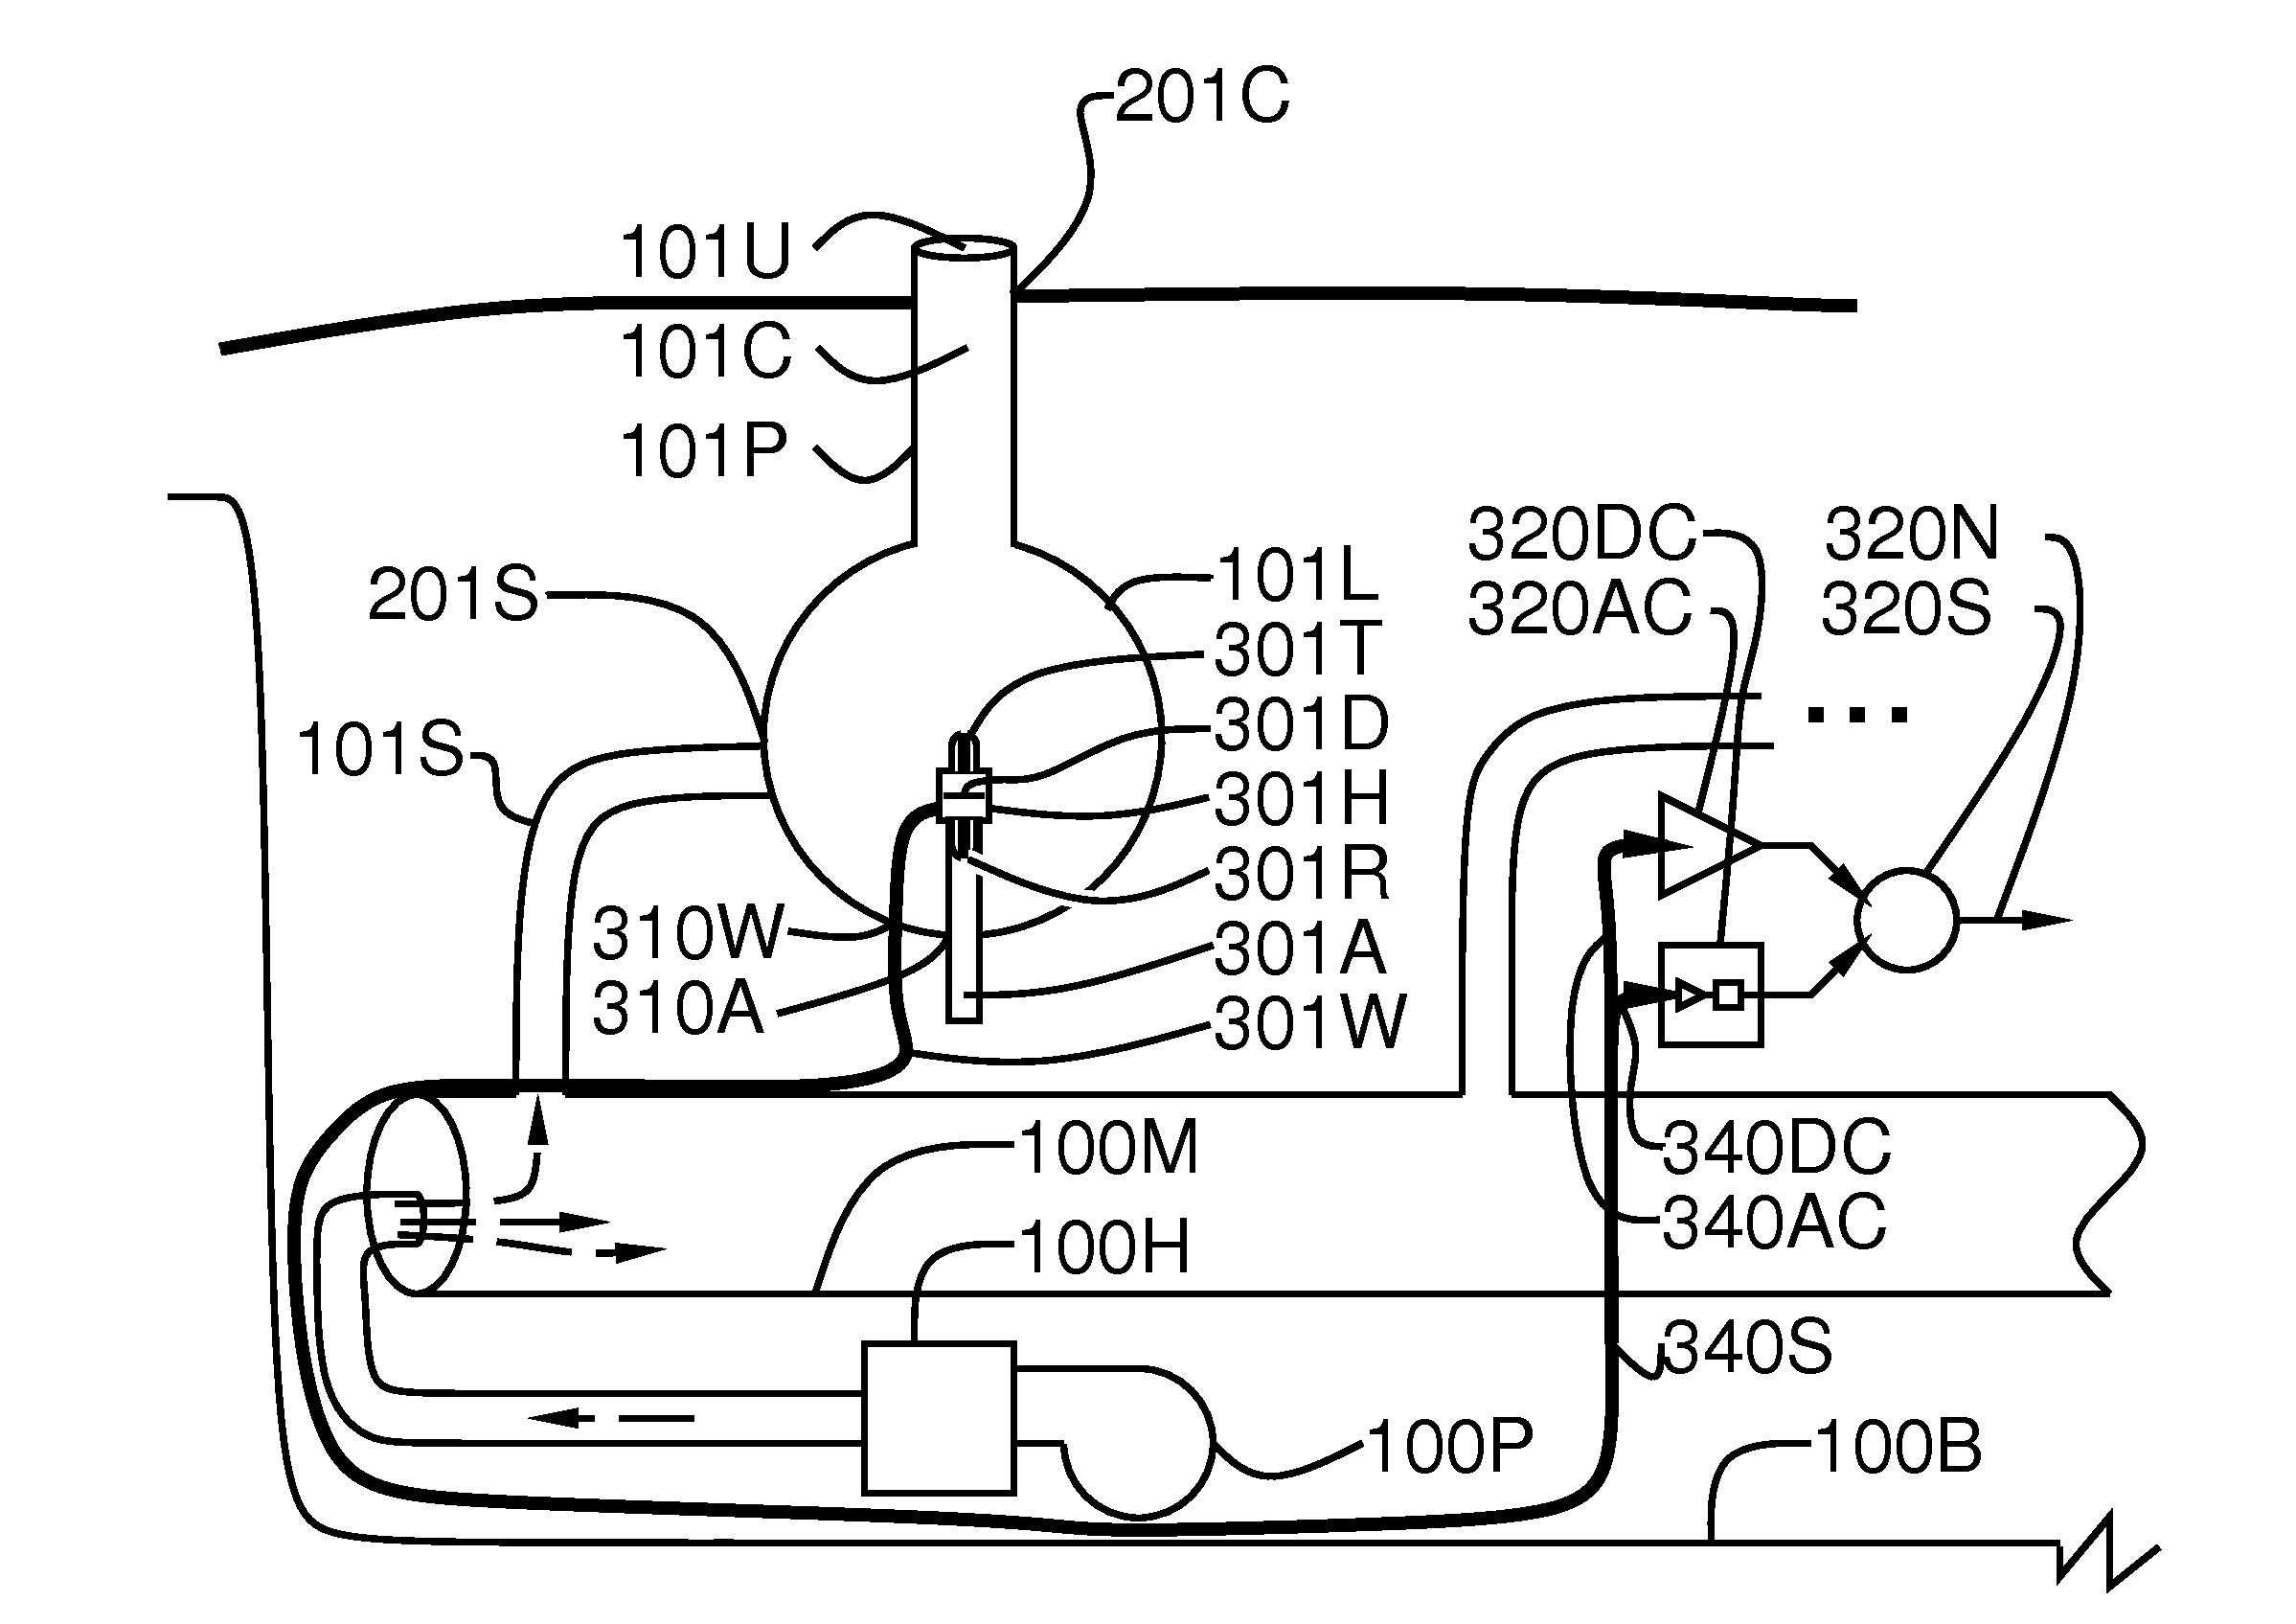 Carrier Heat Pump Low Voltage Wiring Diagram : Carrier heat pump low voltage wiring diagram engine